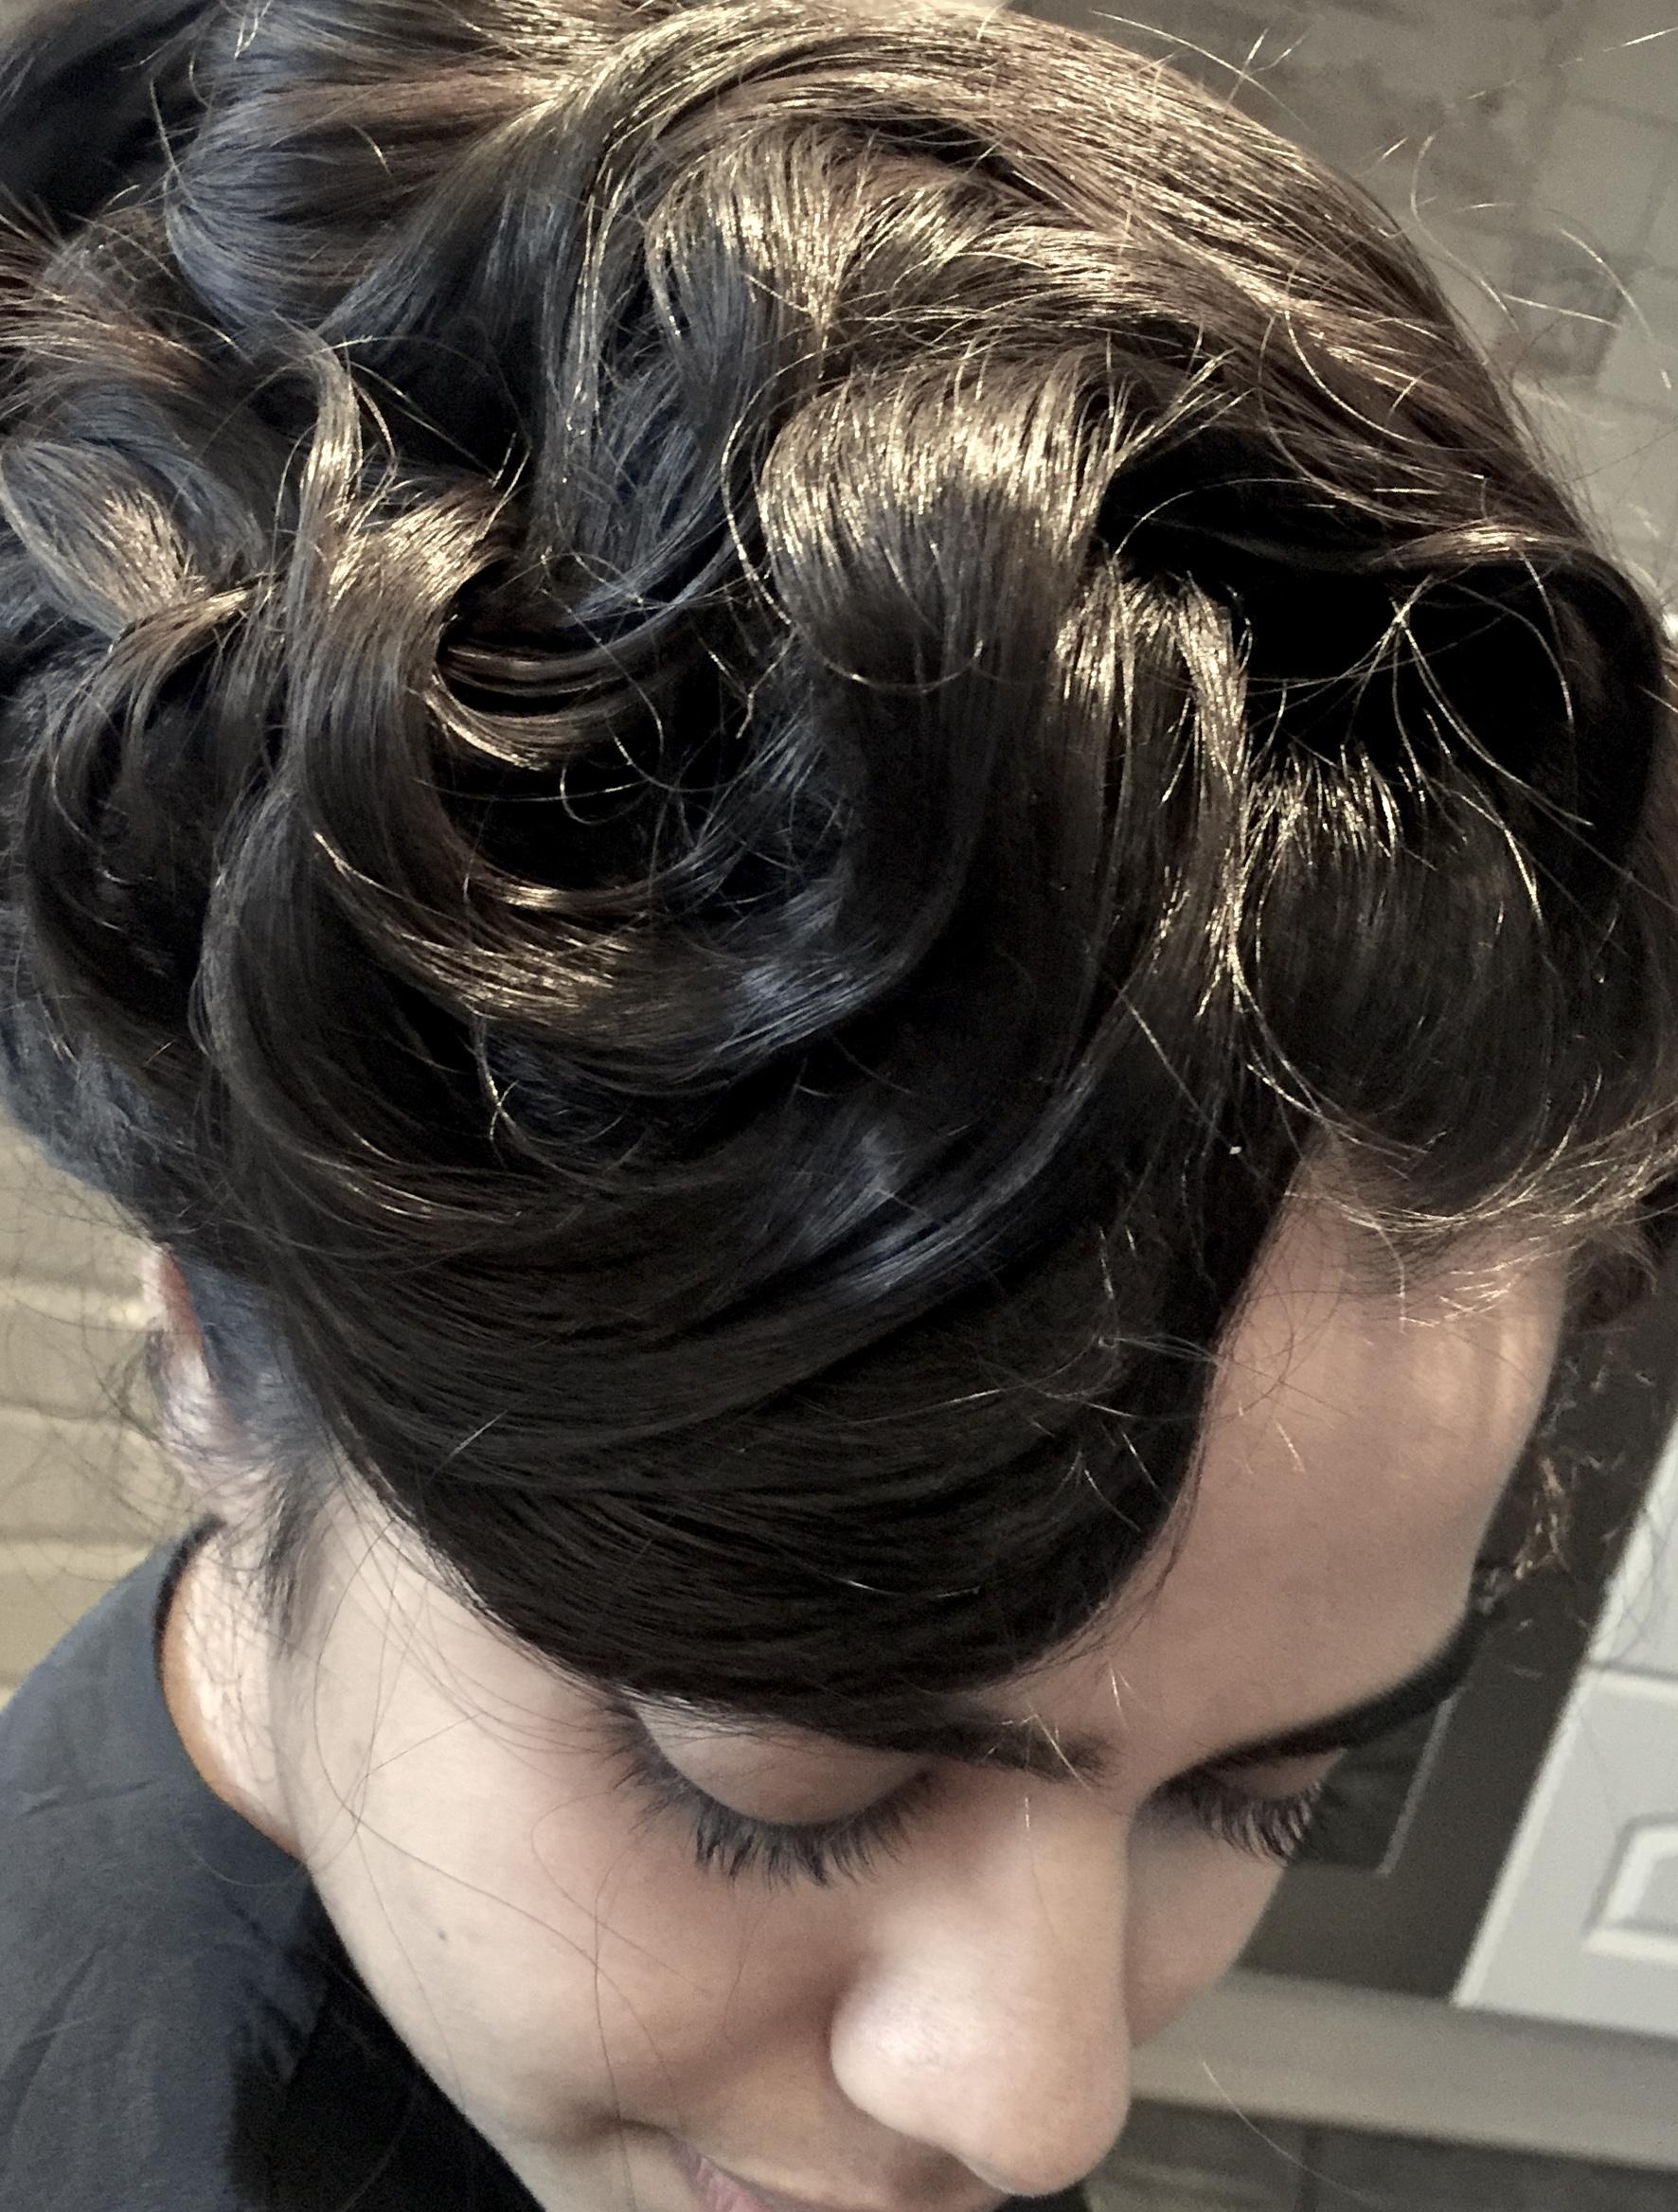 hair-pic26